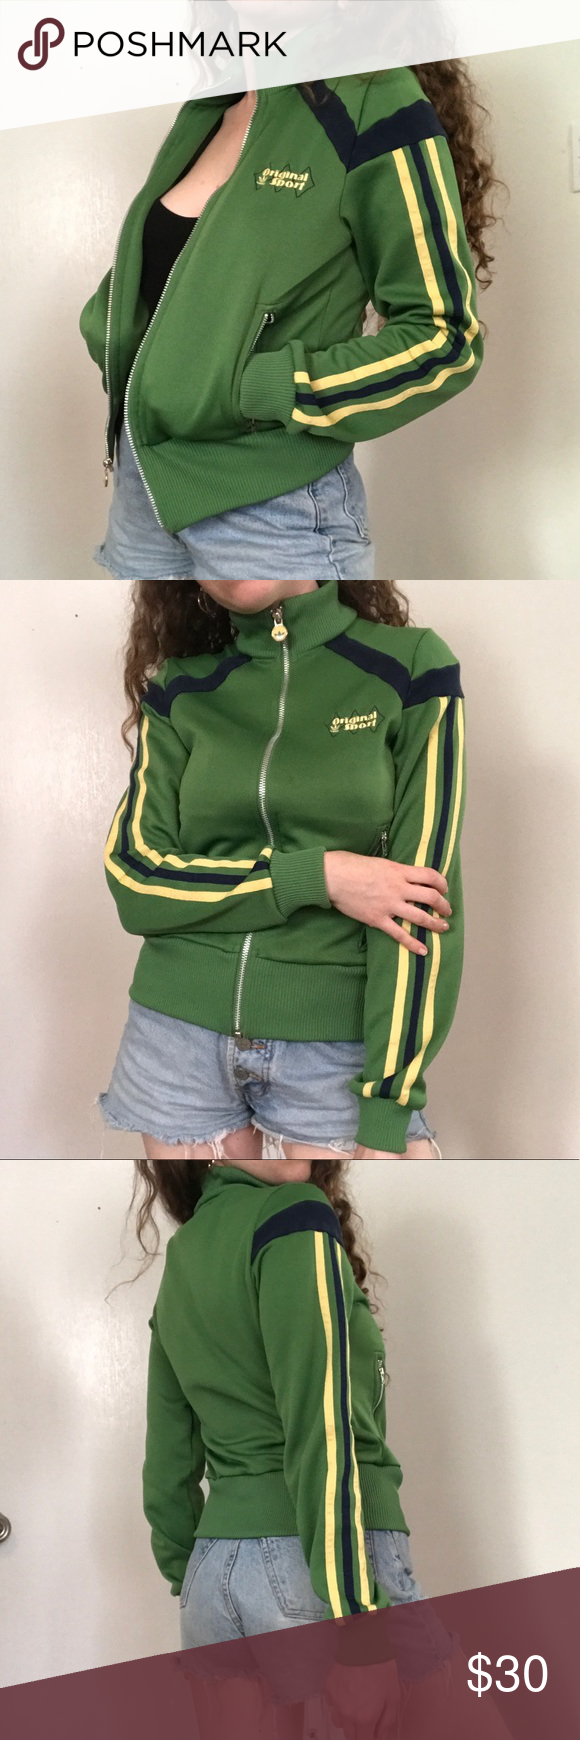 Adidas Original Sport Retro Jacket in Green   Jackets, Retro